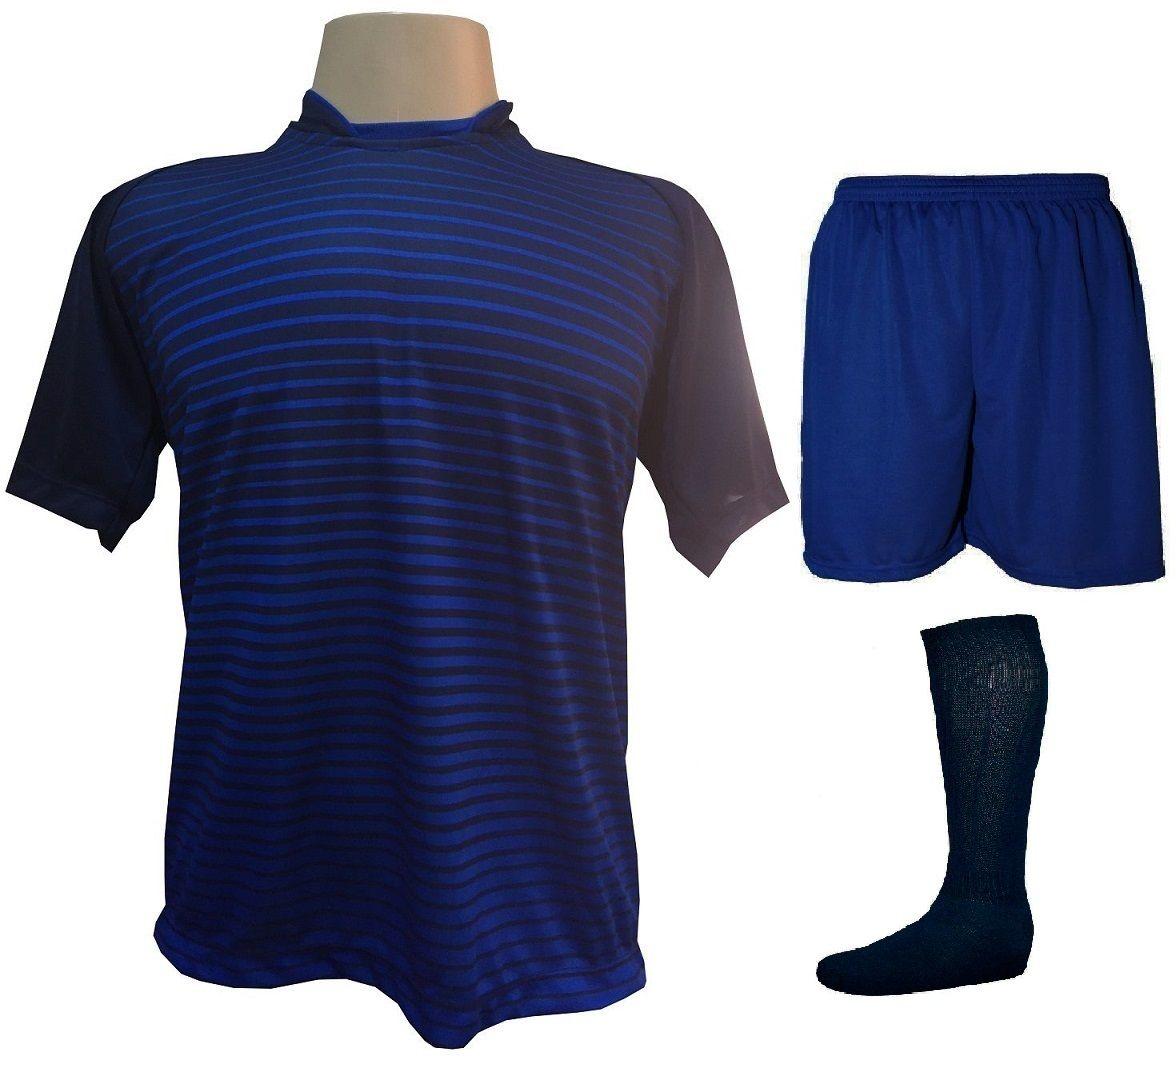 Fardamento Completo modelo City 18+1 (18 Camisas Marinho/Royal + 18 Calções Madrid Royal + 18 Pares de Meiões Marinho + 1 Conjunto de Goleiro) + Brindes